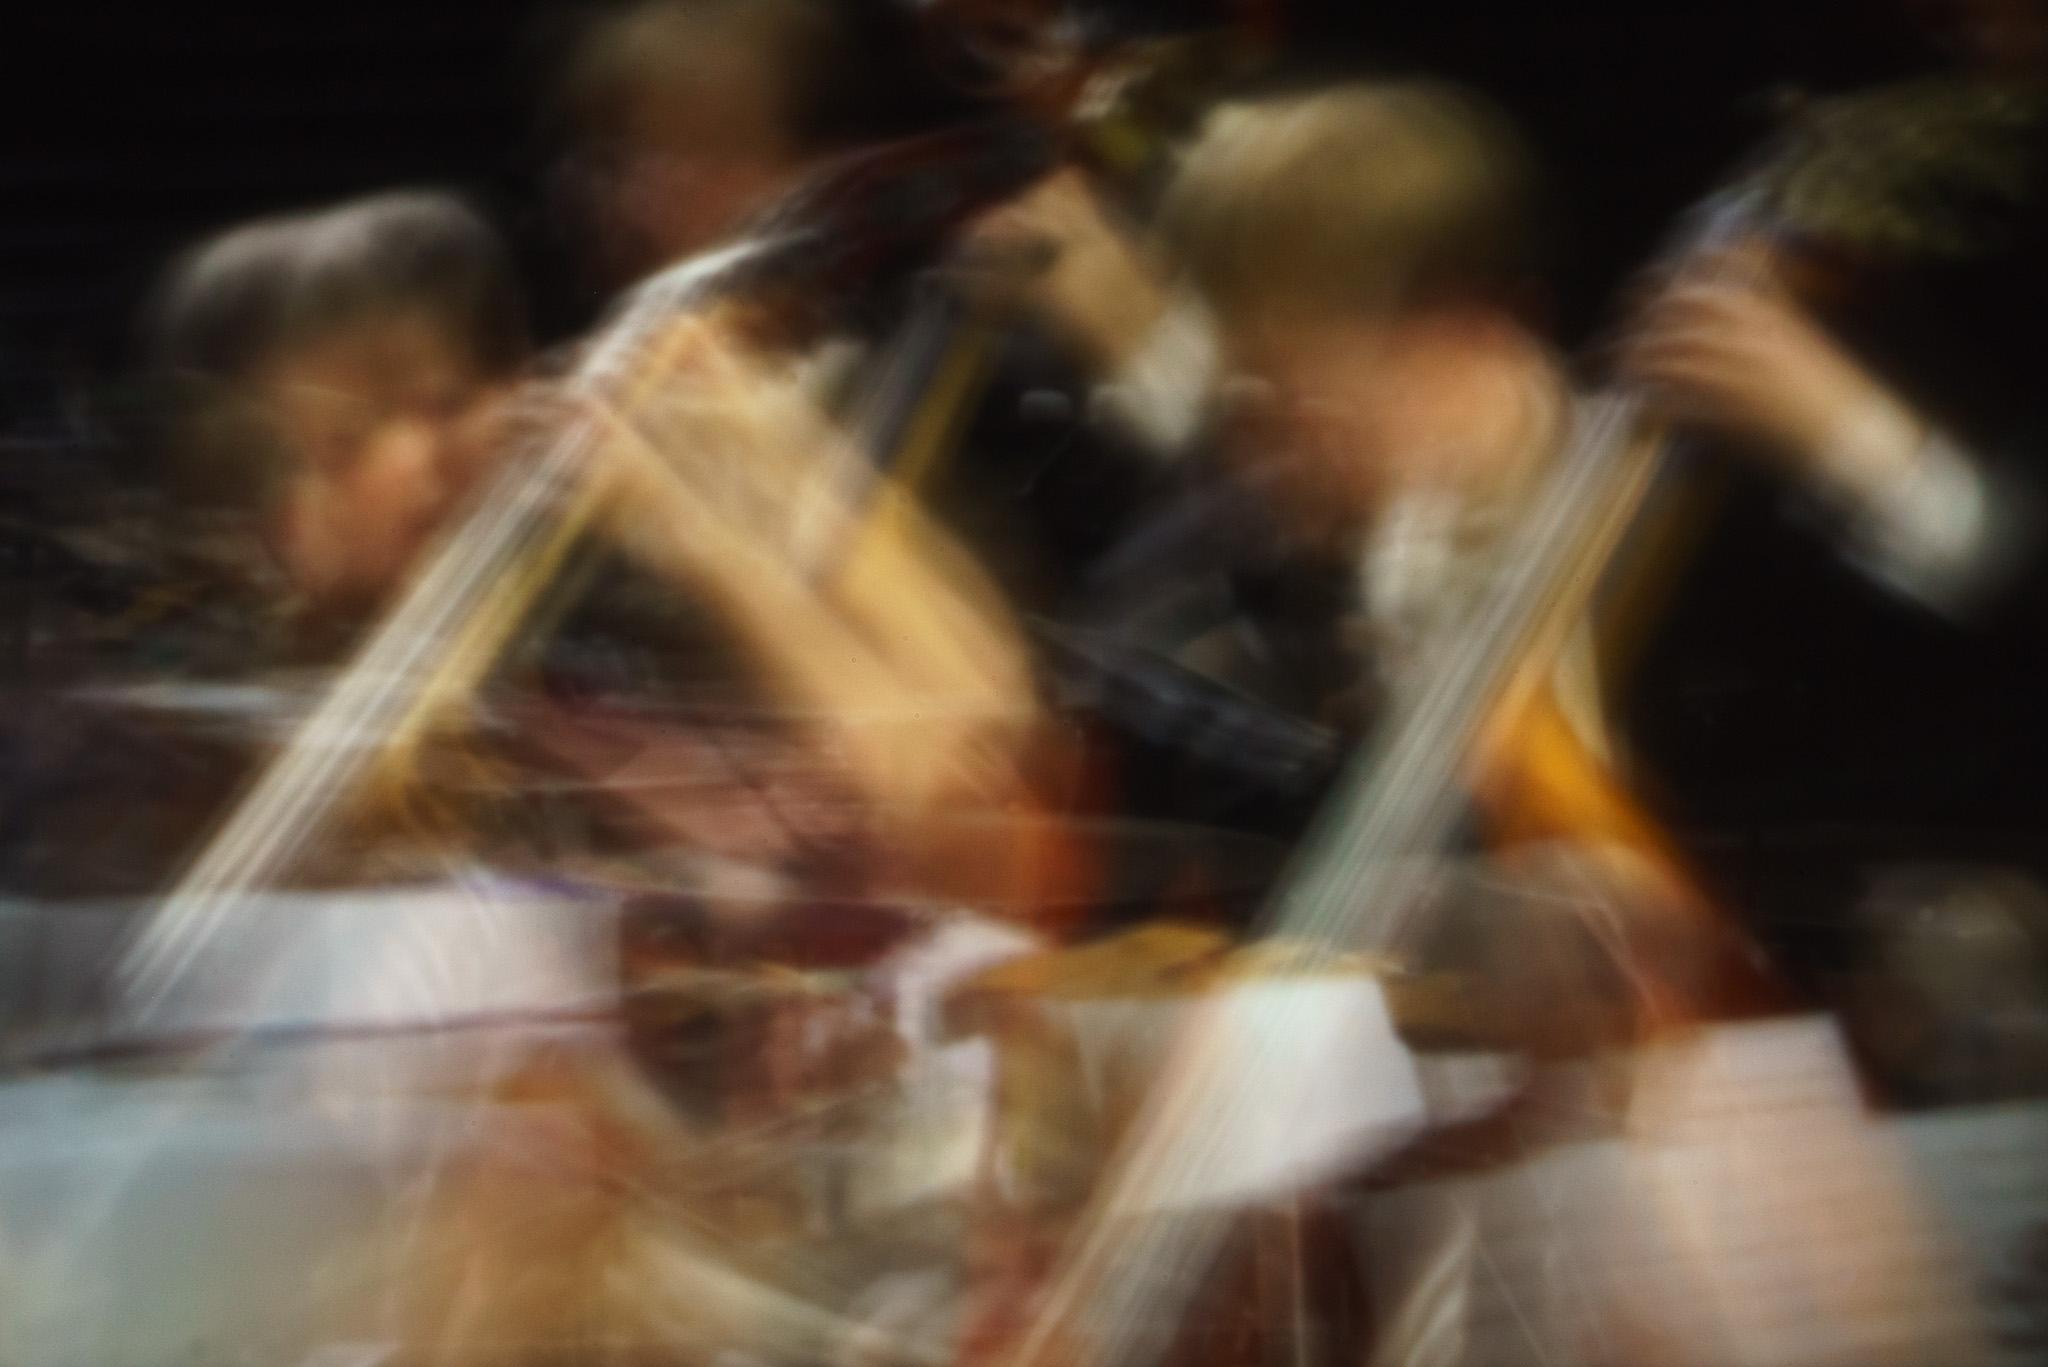 Concerto Grosso